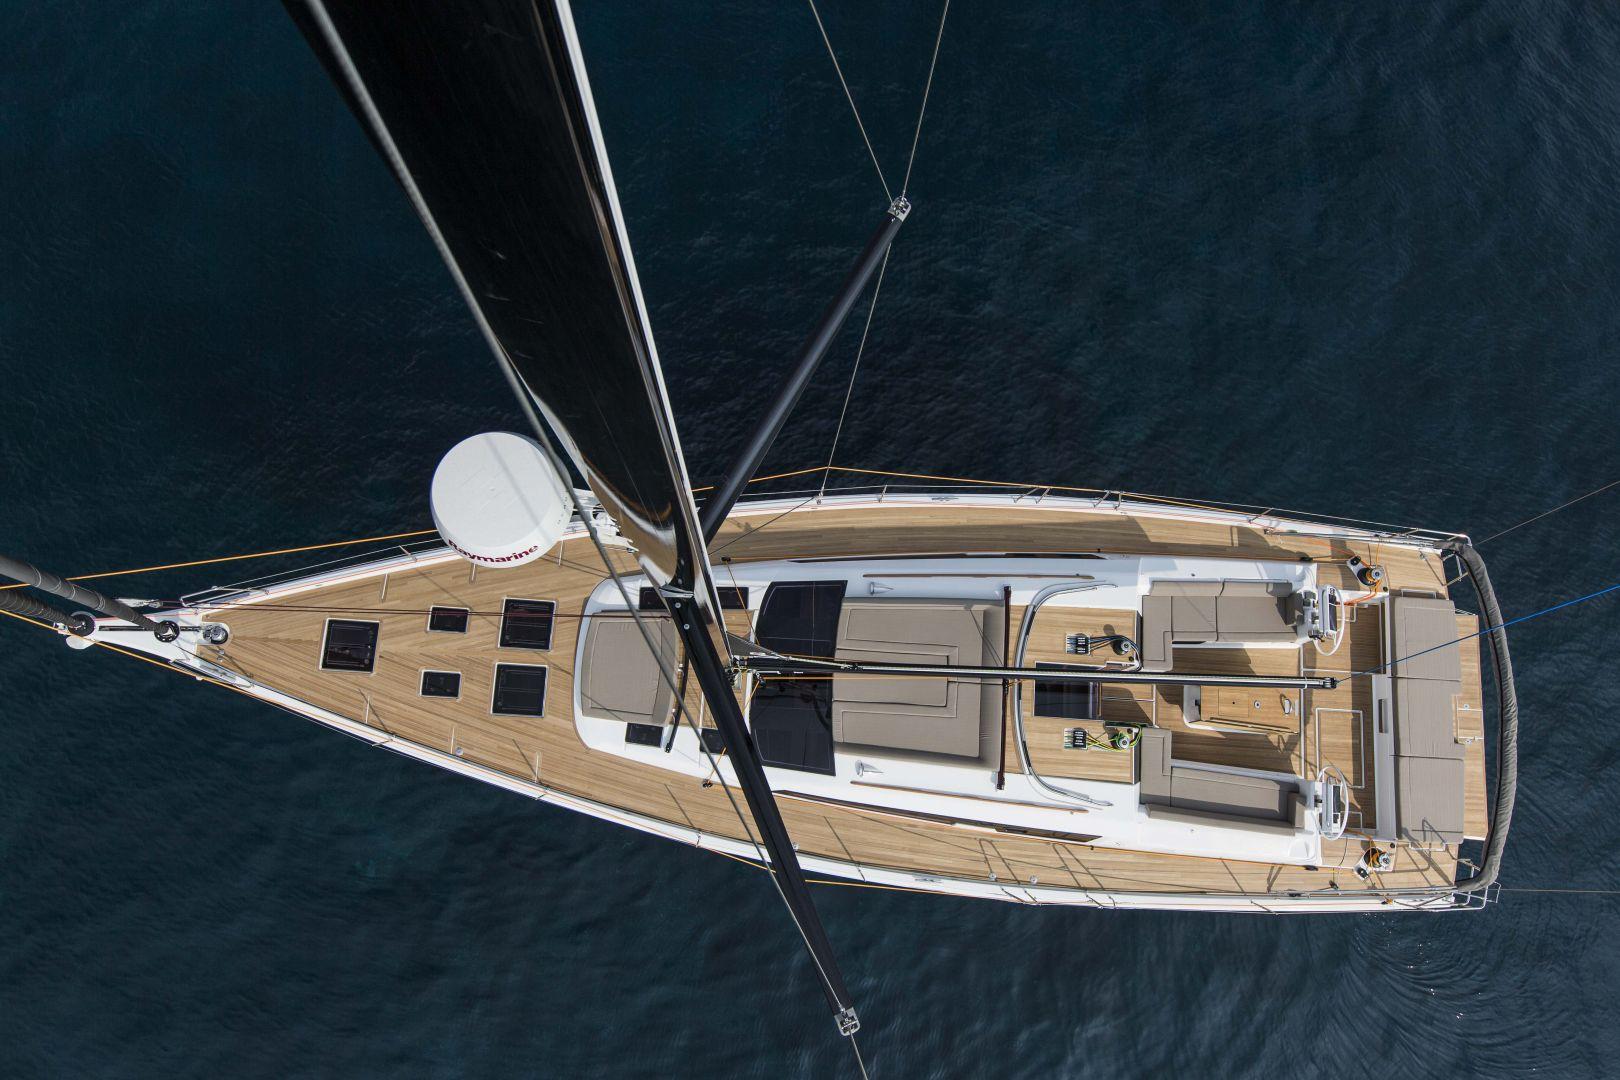 Invictus yacht 17m dufour